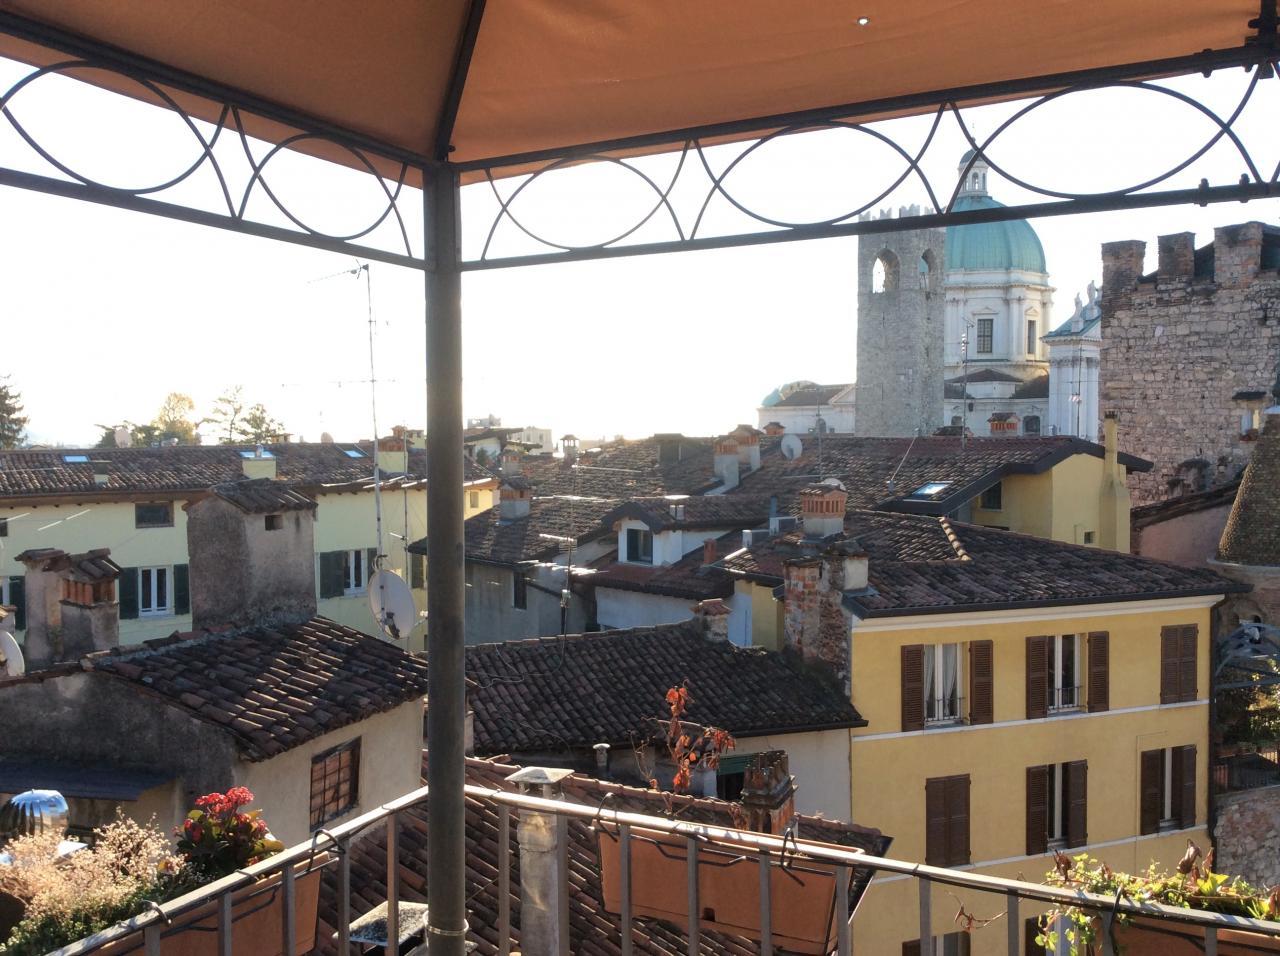 Attico / Mansarda in vendita a Brescia, 5 locali, zona Località: 1-CENTROSTORICO, prezzo € 830.000 | Cambio Casa.it